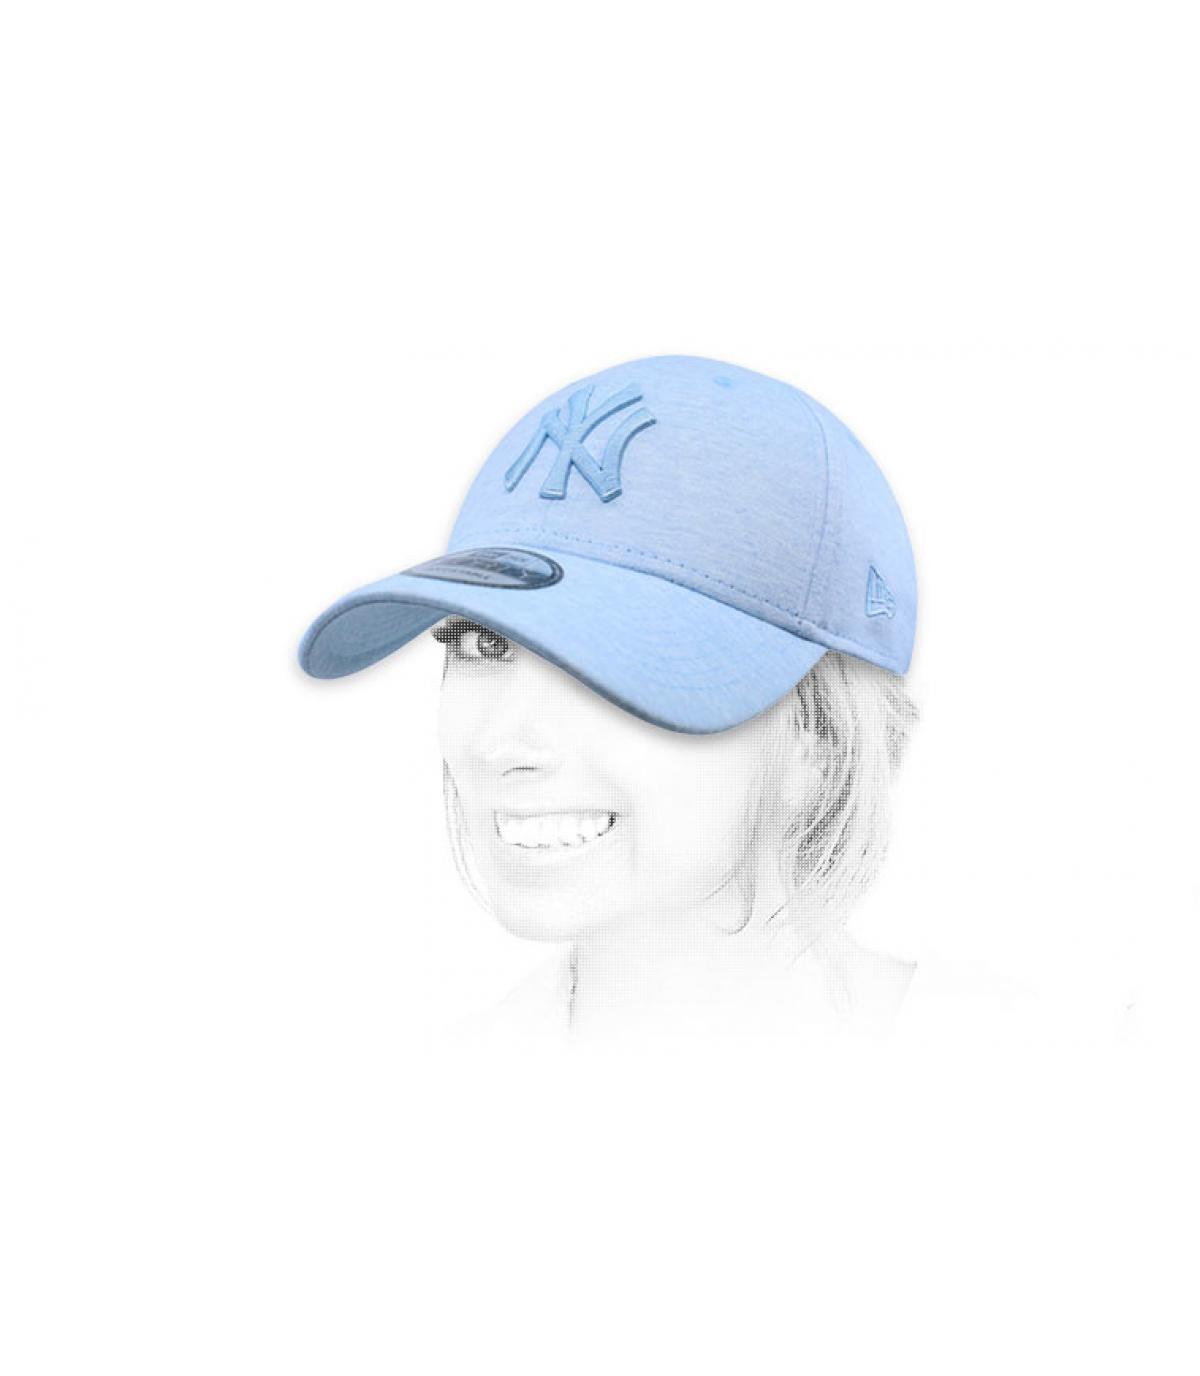 NY blauwe hemel cap